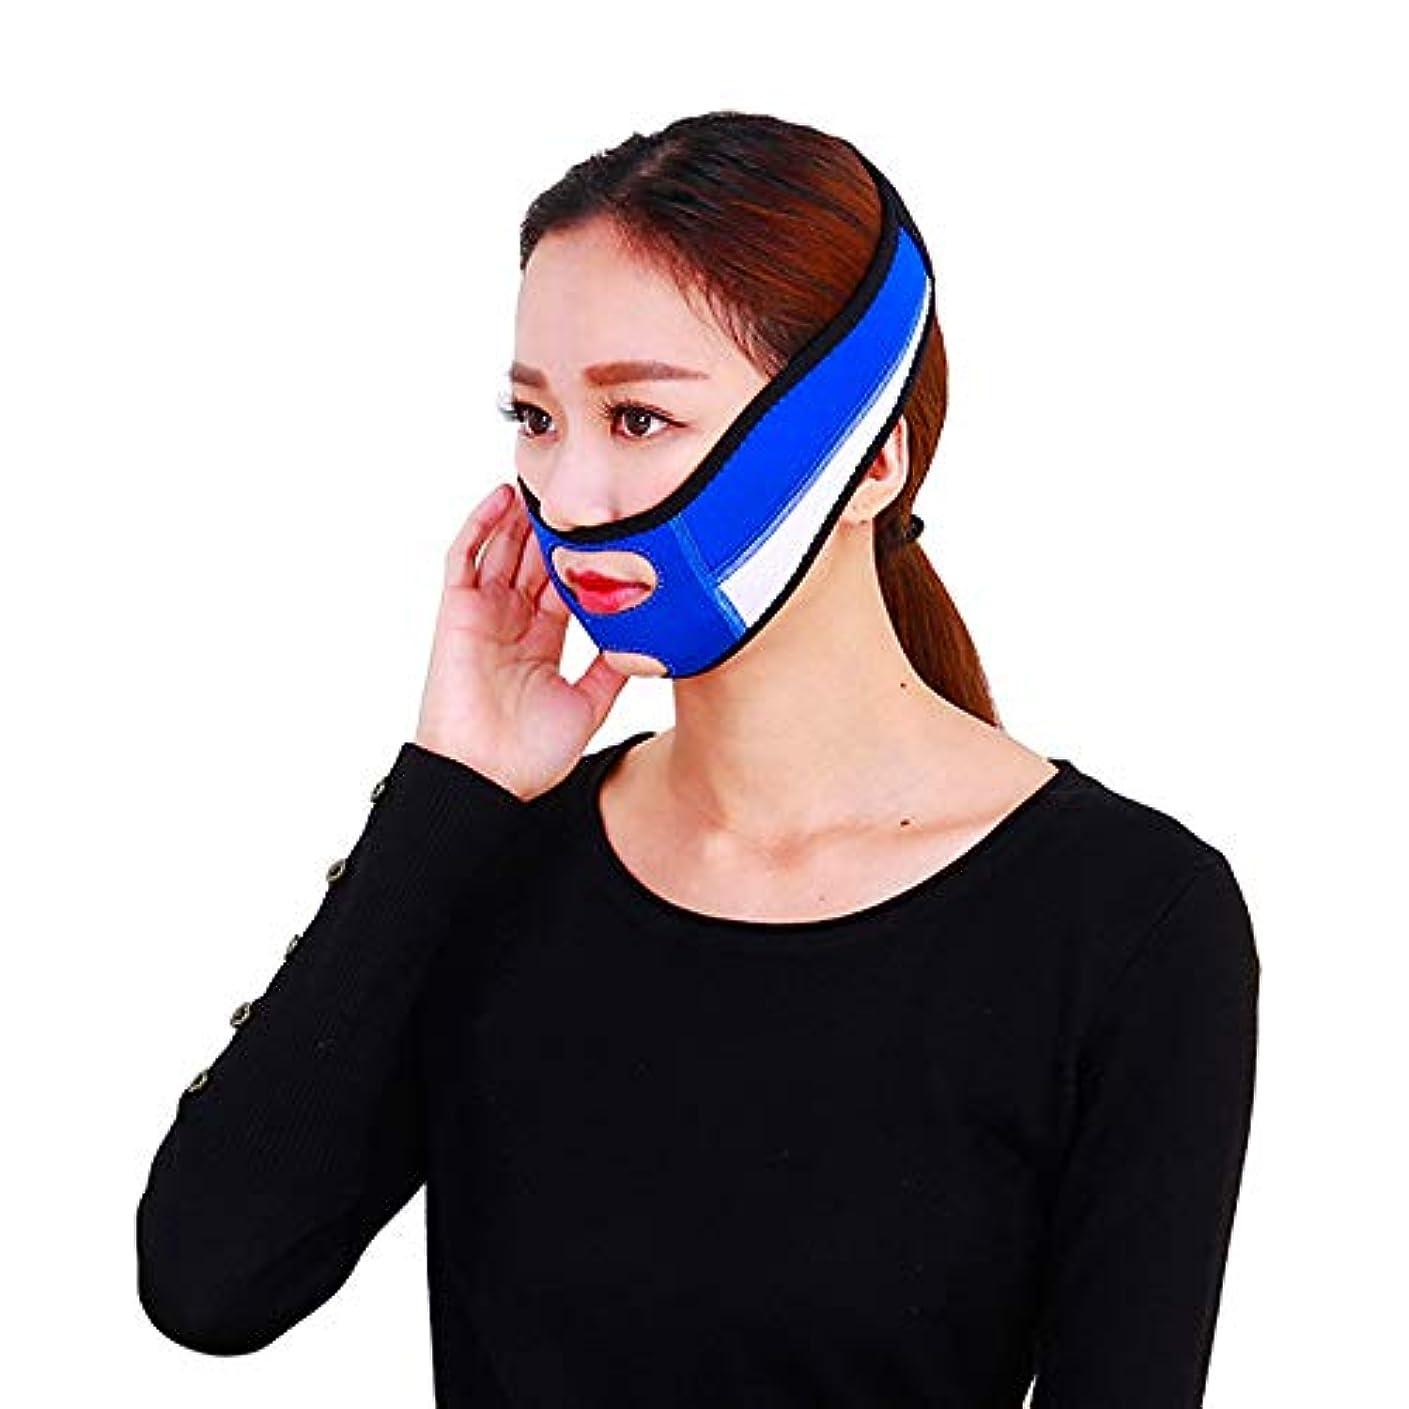 ファウルハリケーン従事したフェイススリミングマスク、Vラインチンチーク女性用リフトアップバンド、あごジムダブルあごリデューサーフェイススリミングバンデージベルトマスクフェイスリフトマッサージ器筋肉ストラップ